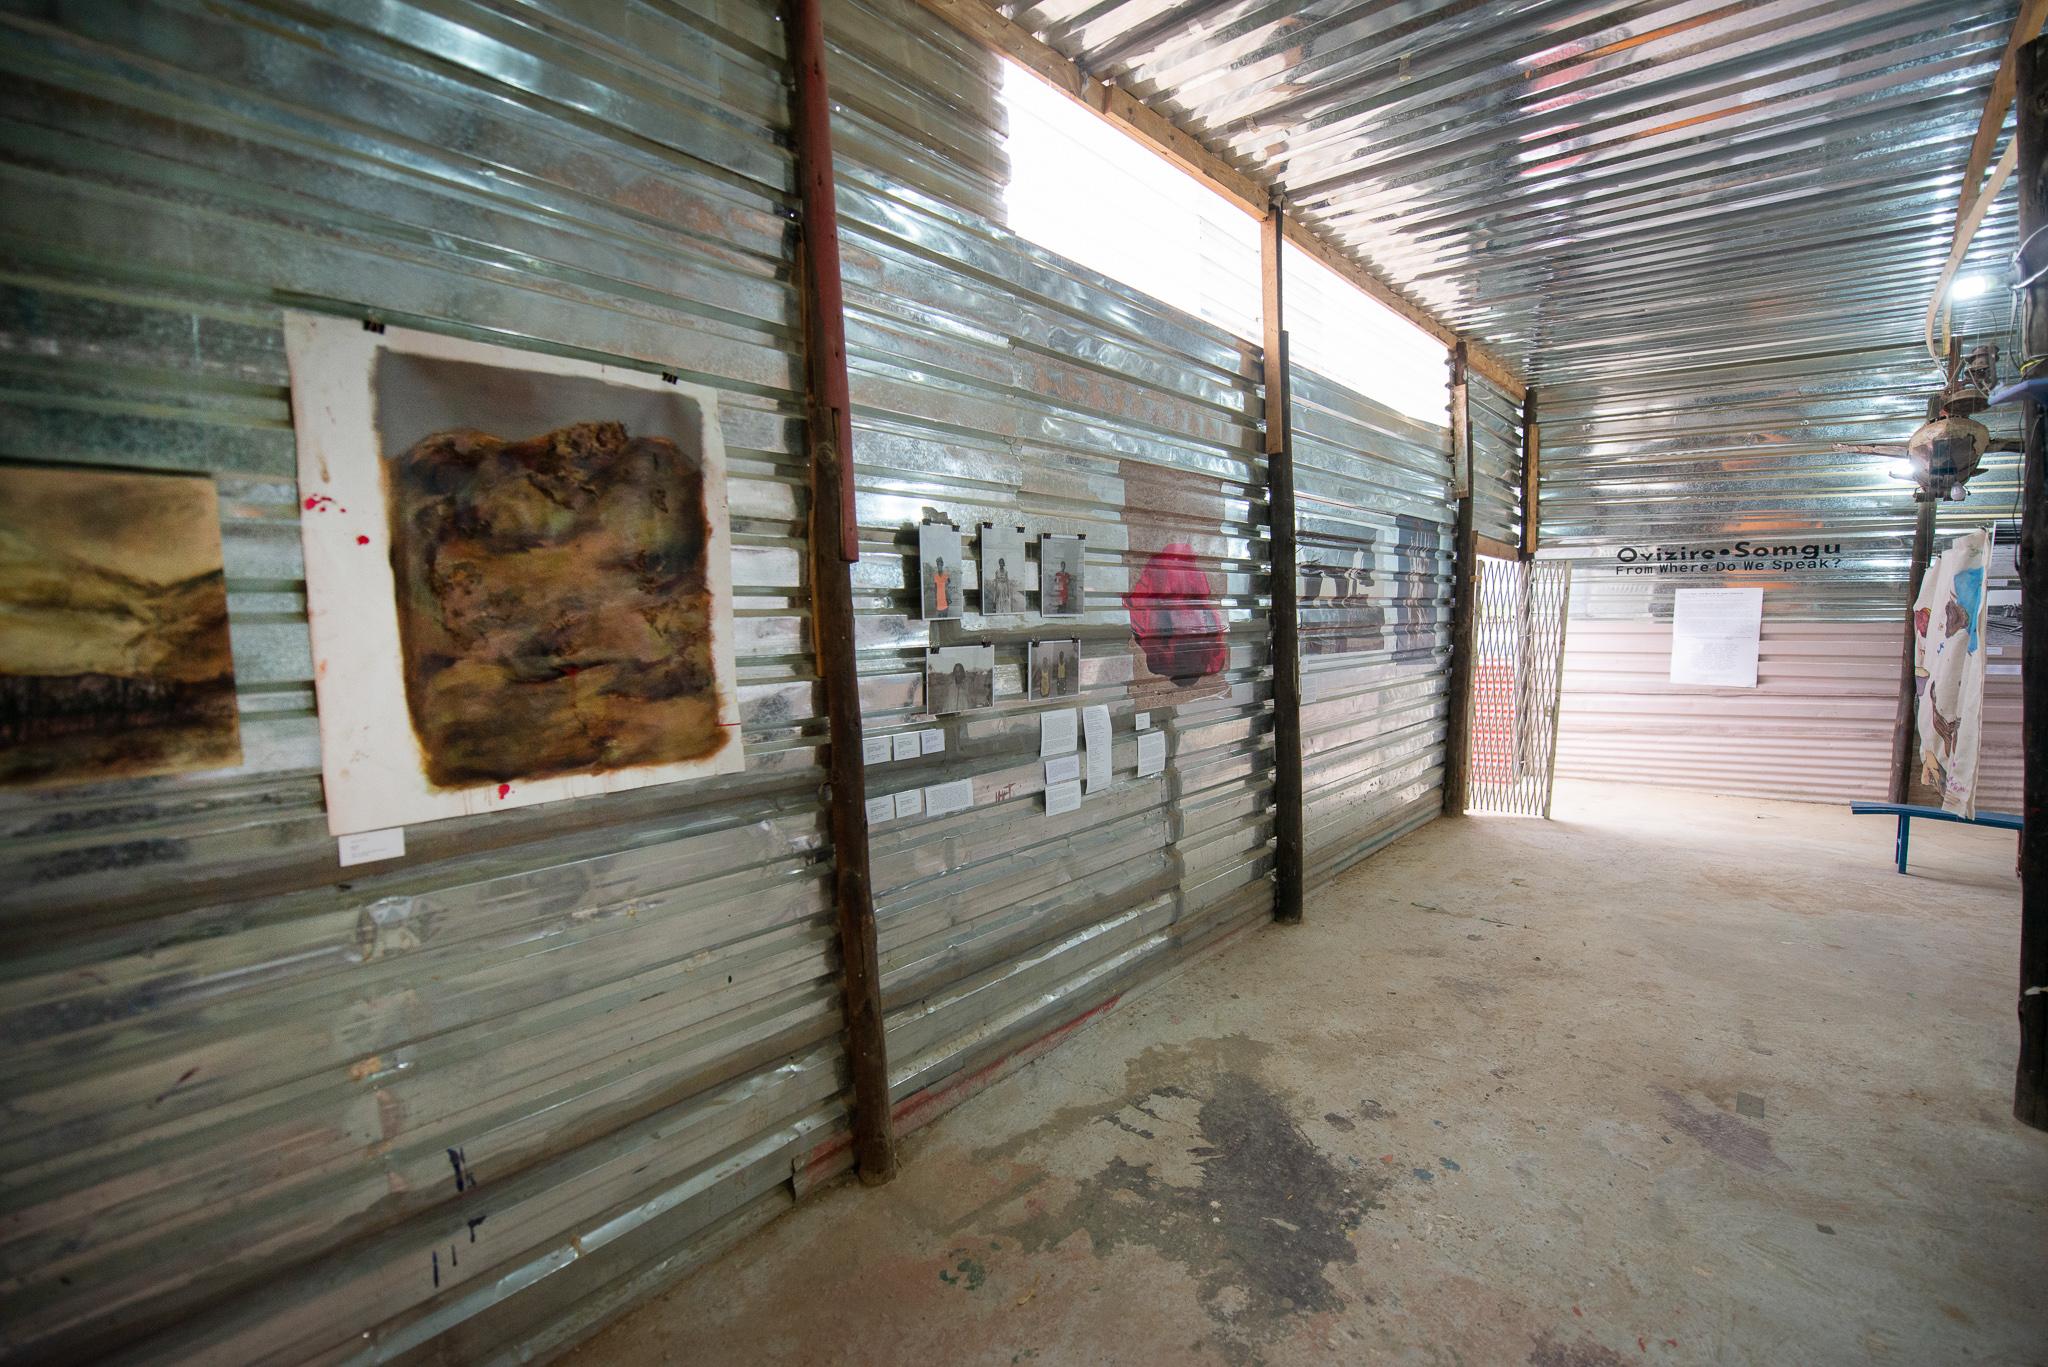 Impressionen aus der Ausstellung Ovizire • Somgu From Where Do We Speak. Ein metallverkleideter Ausstellungsraum mit diversen klein- und großformatigen Gemälden und Fotografien. Foto © StArtArtGallery